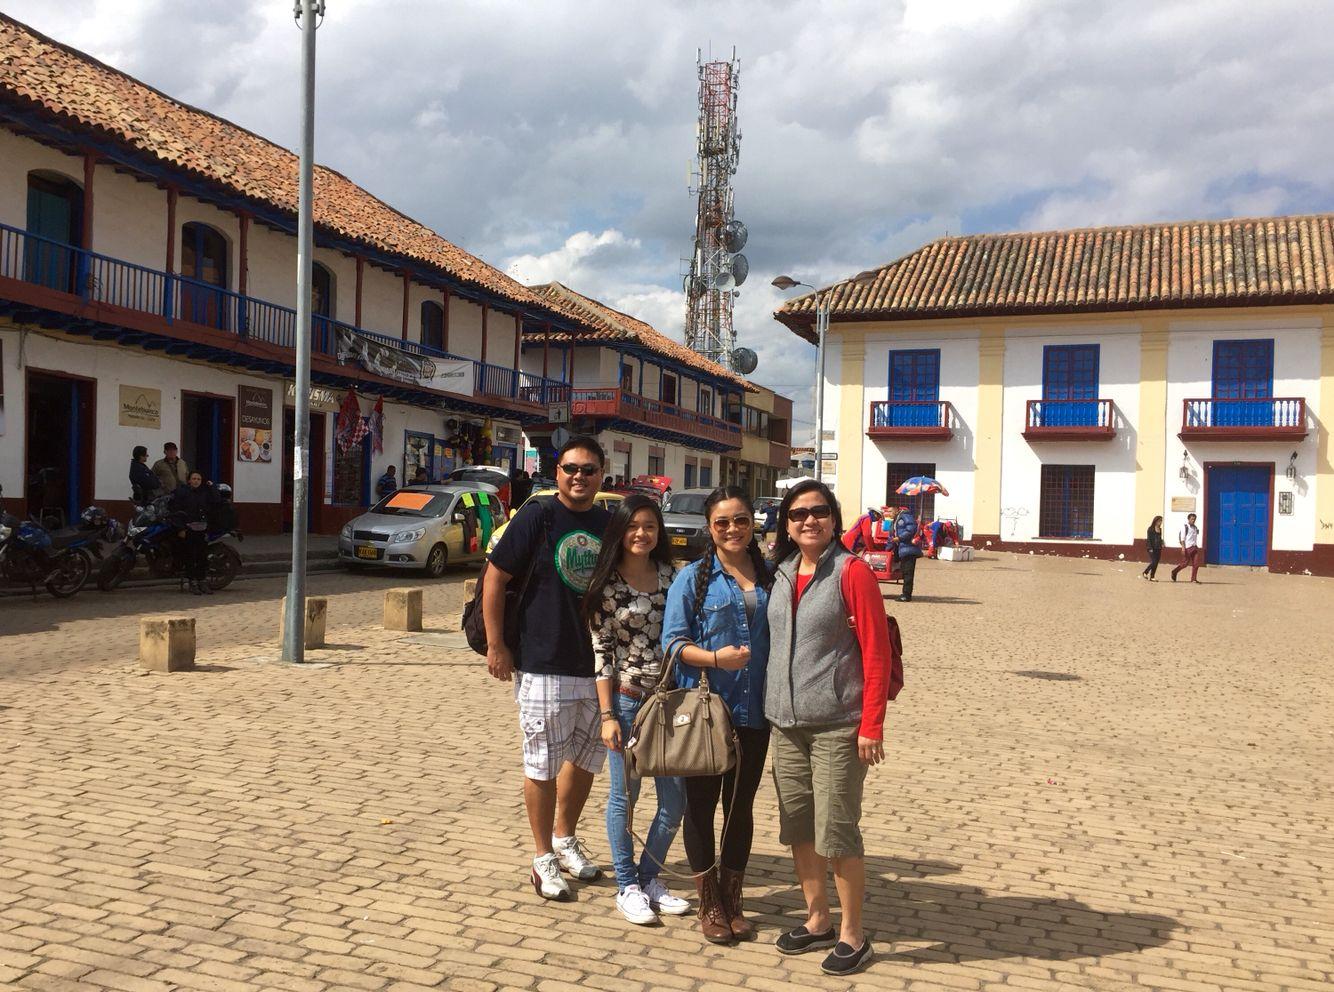 El fin de semana, me gusta viajar con mí familia. Nosotros queremos probar la comida de las culturas diferentes.